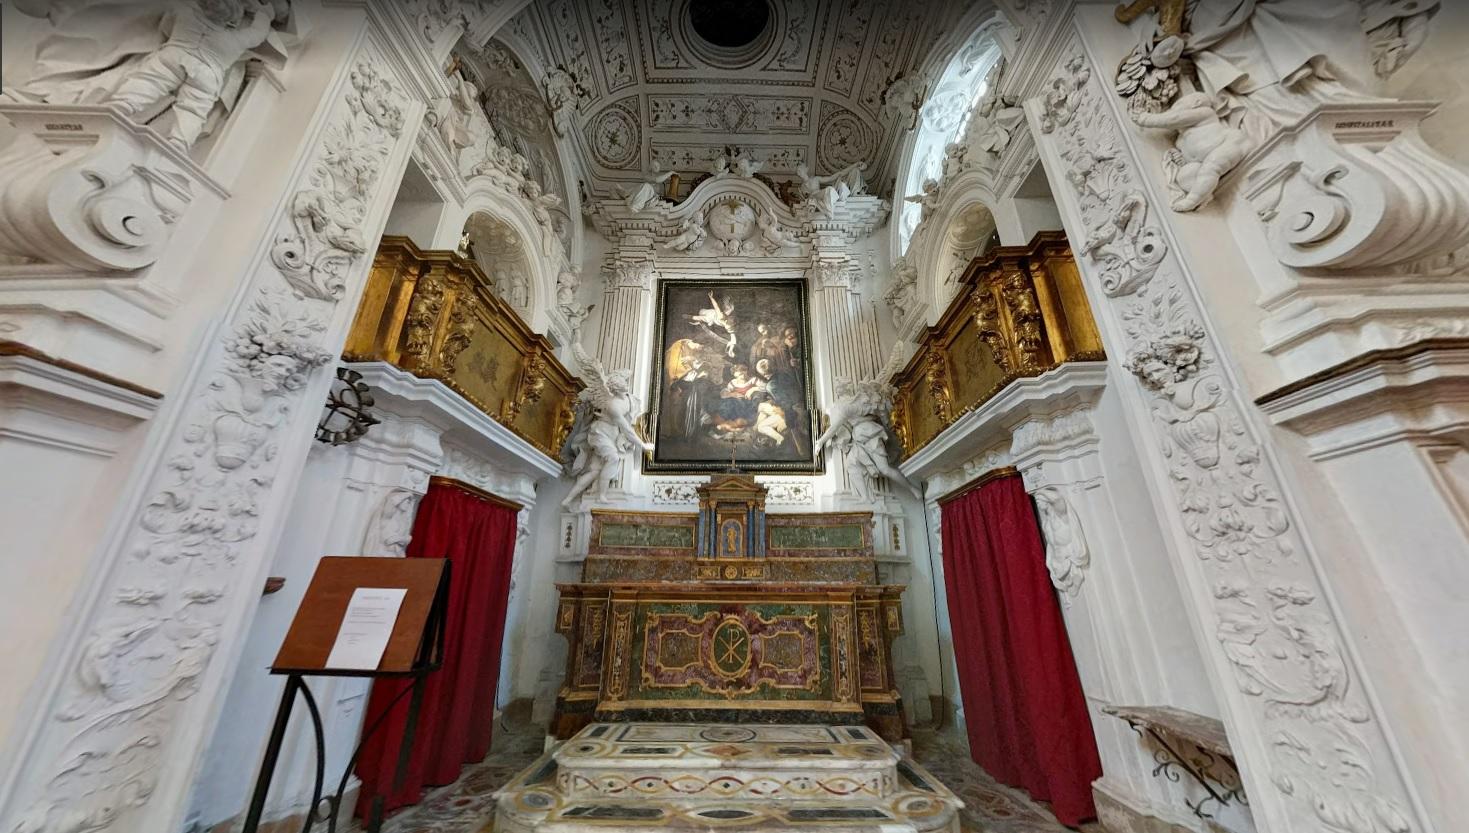 Olasz maffiózók borotvapengével vágtak le egy Caravaggio-festményt, aztán elpostázták egy darabját a plébánosnak